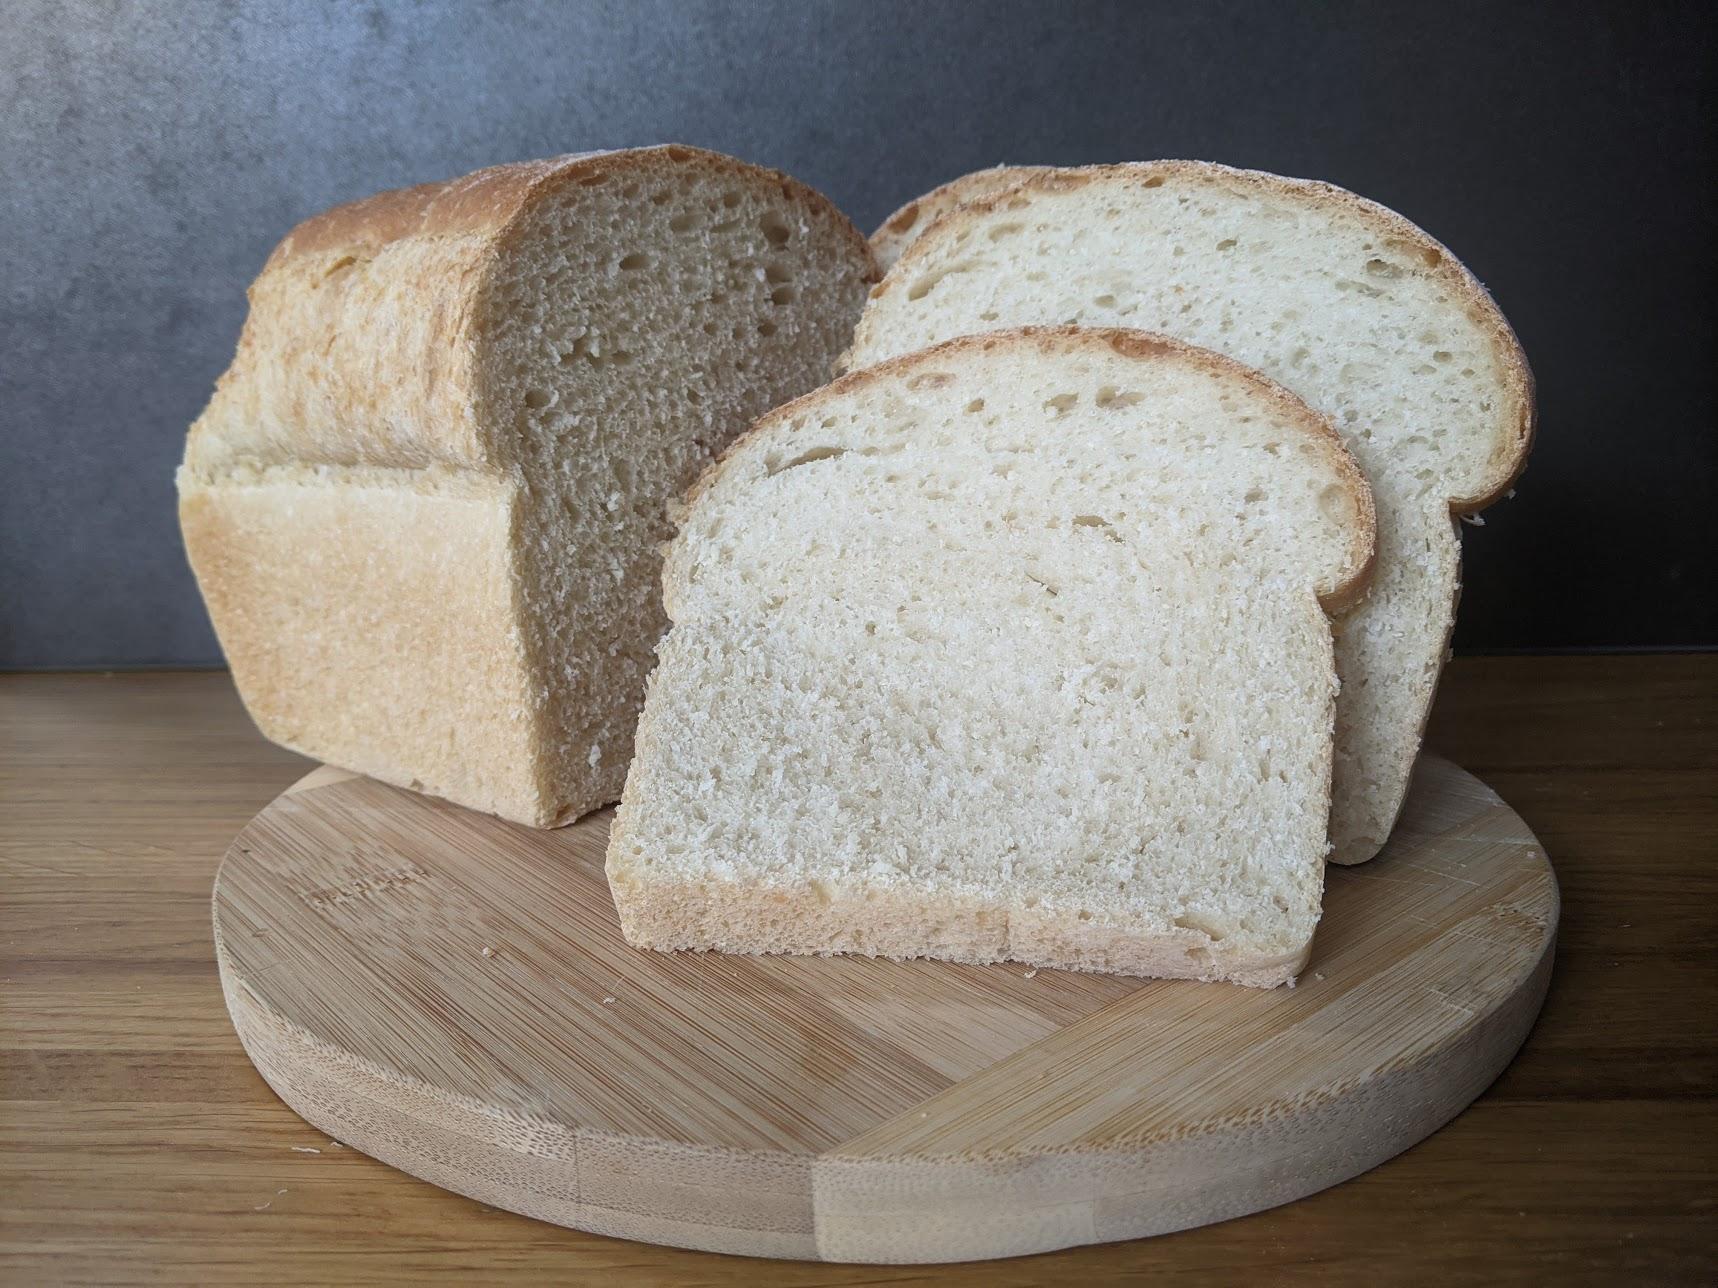 Verwachtingen bij het bakken van brood